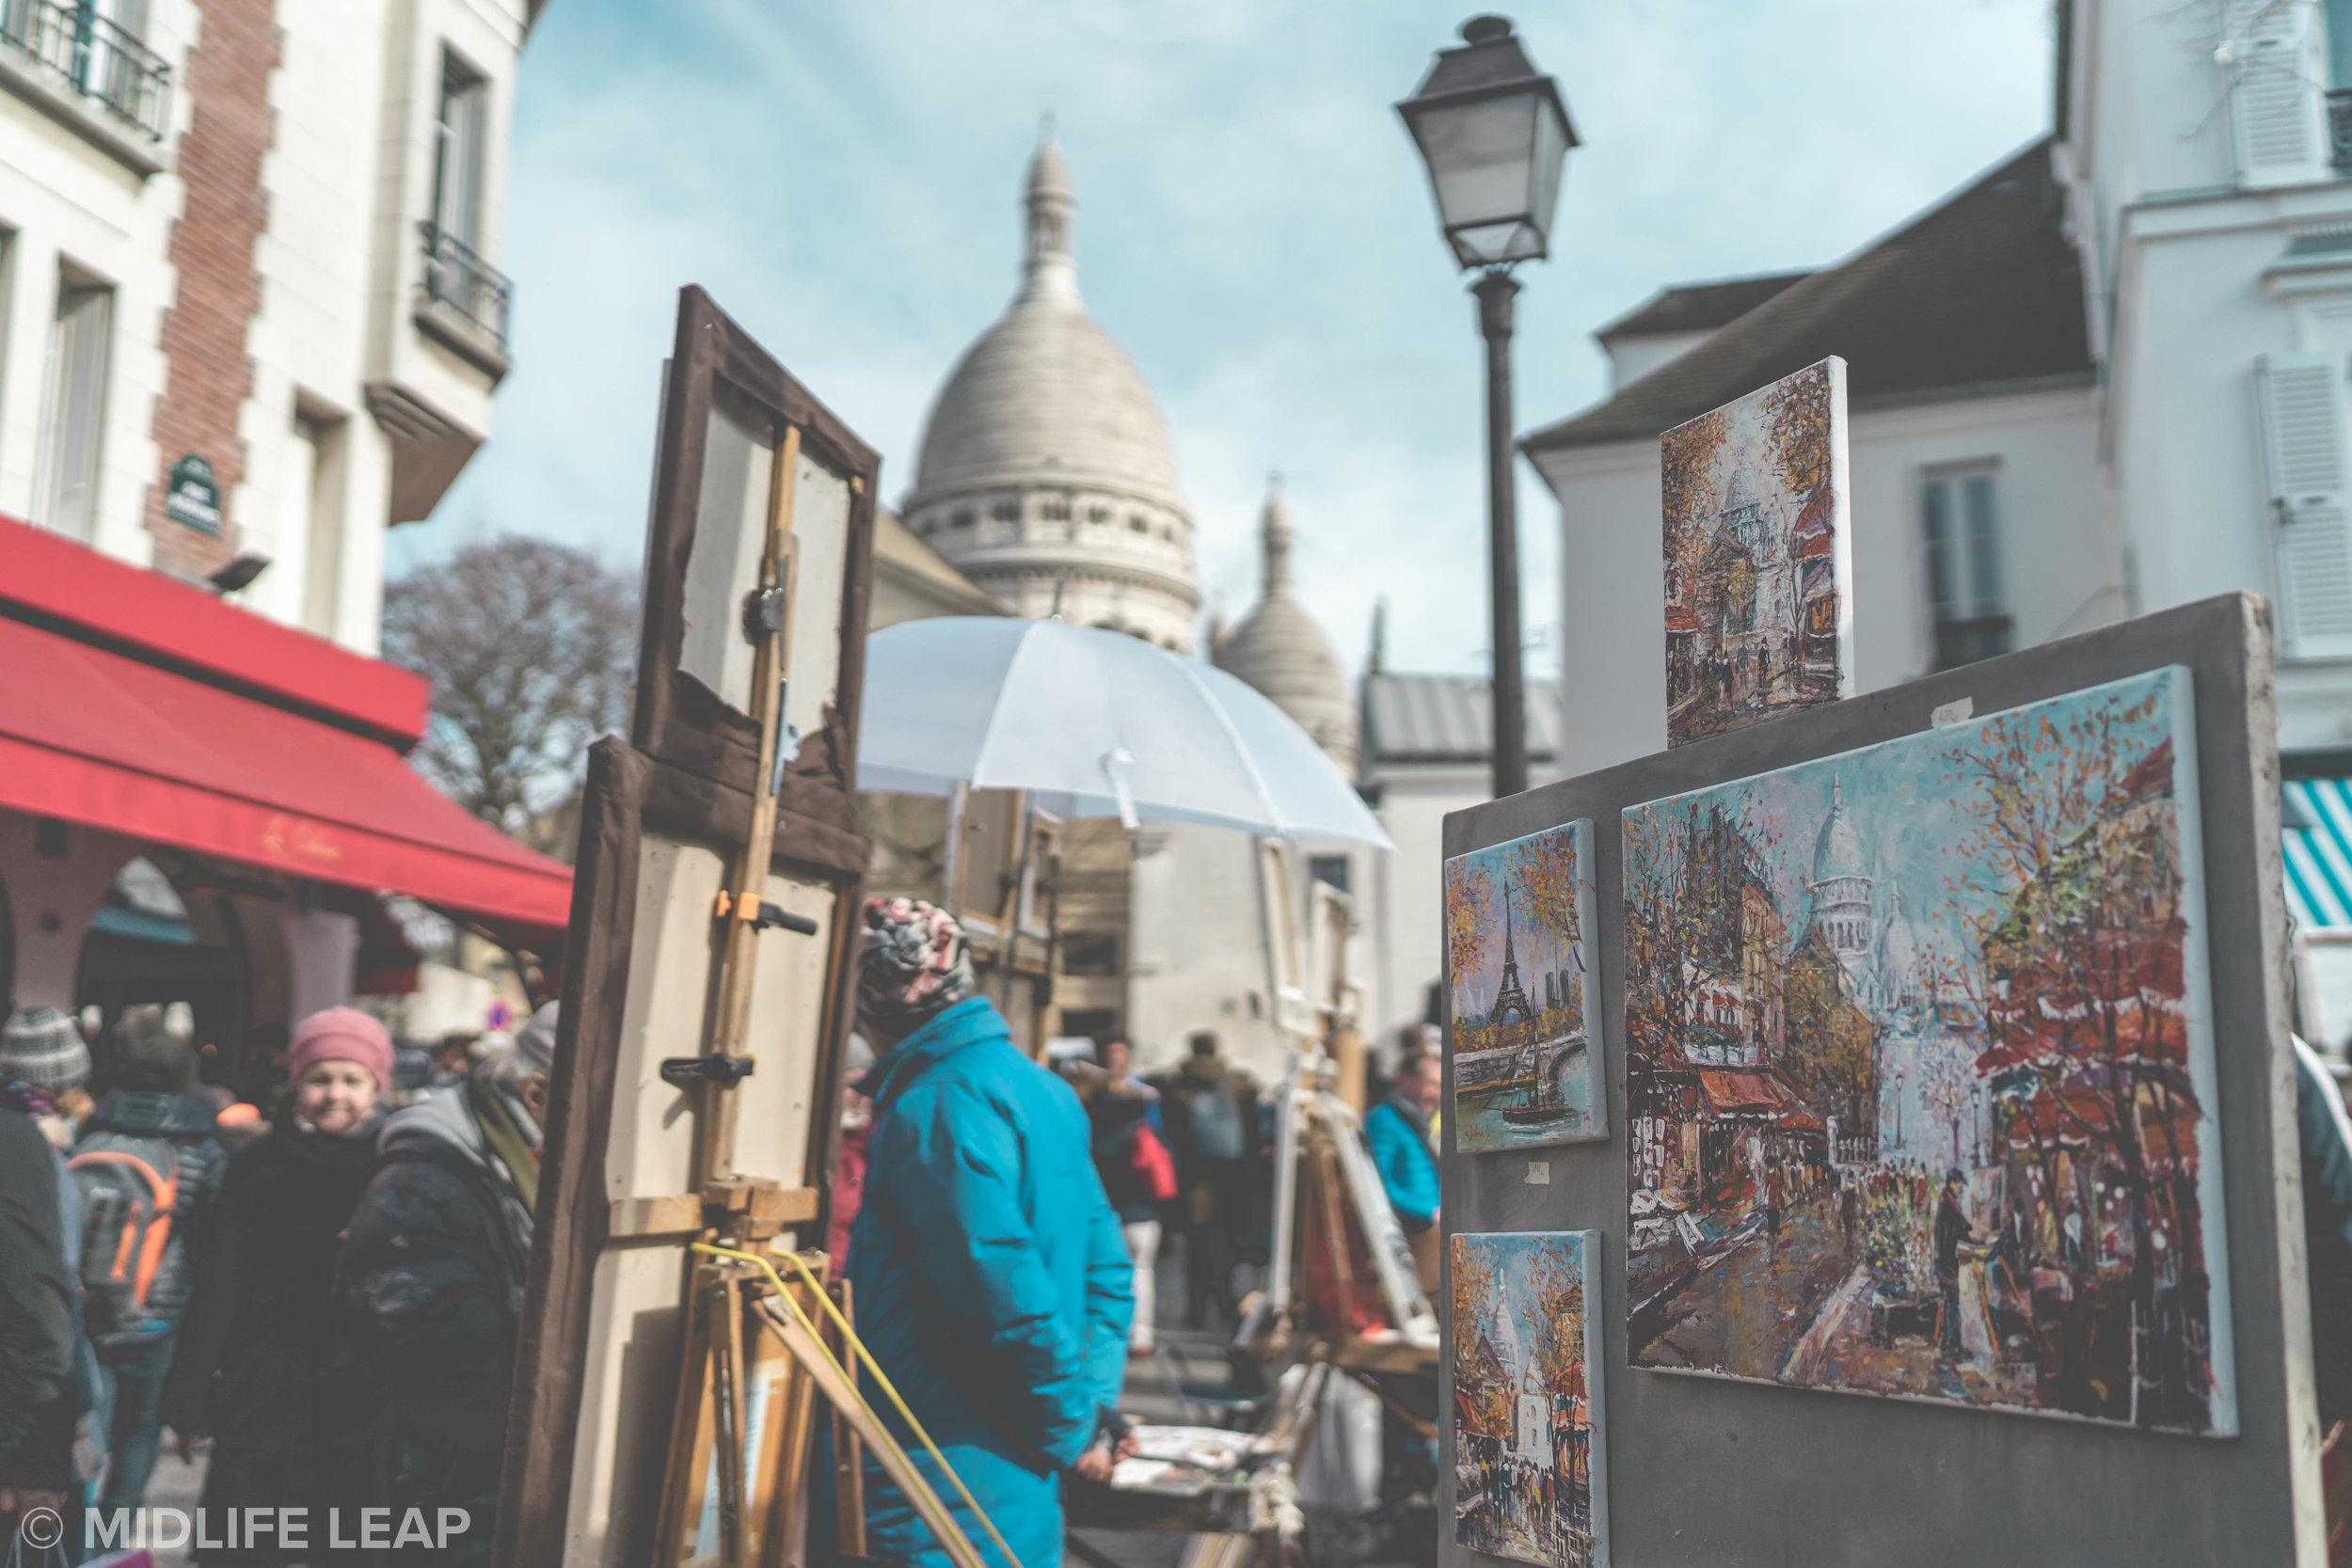 place-du-tertre-what-to-do-in-montmartre-18th-arrondissement-paris